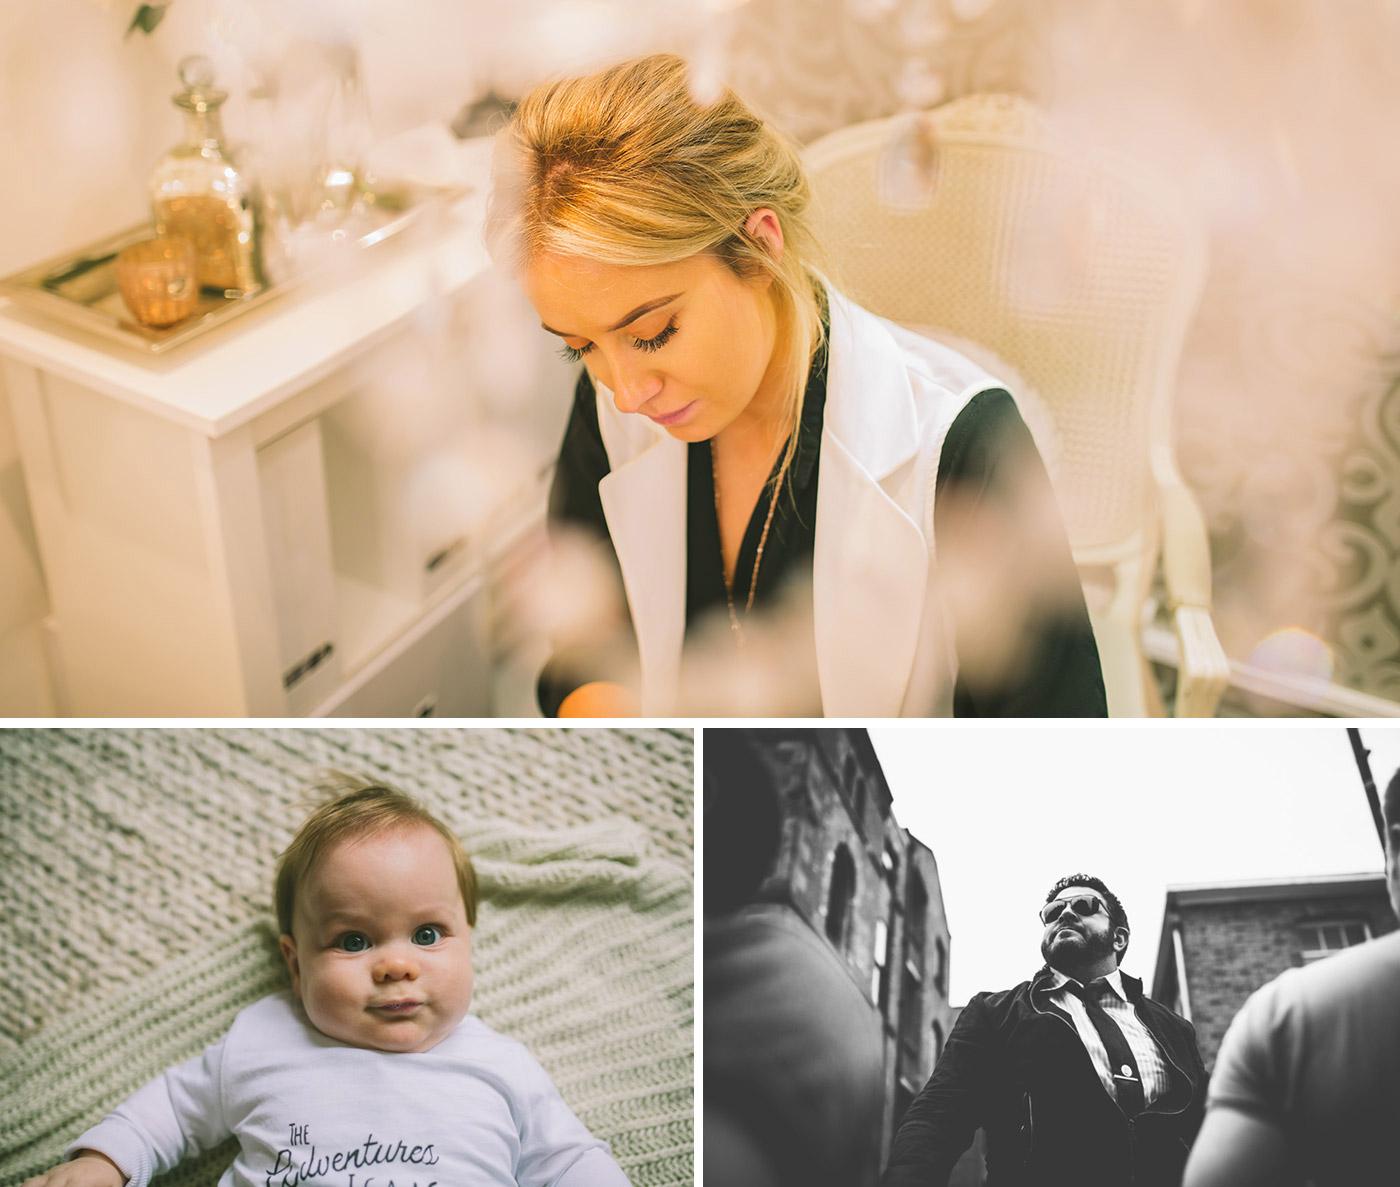 portrait photography service manchester